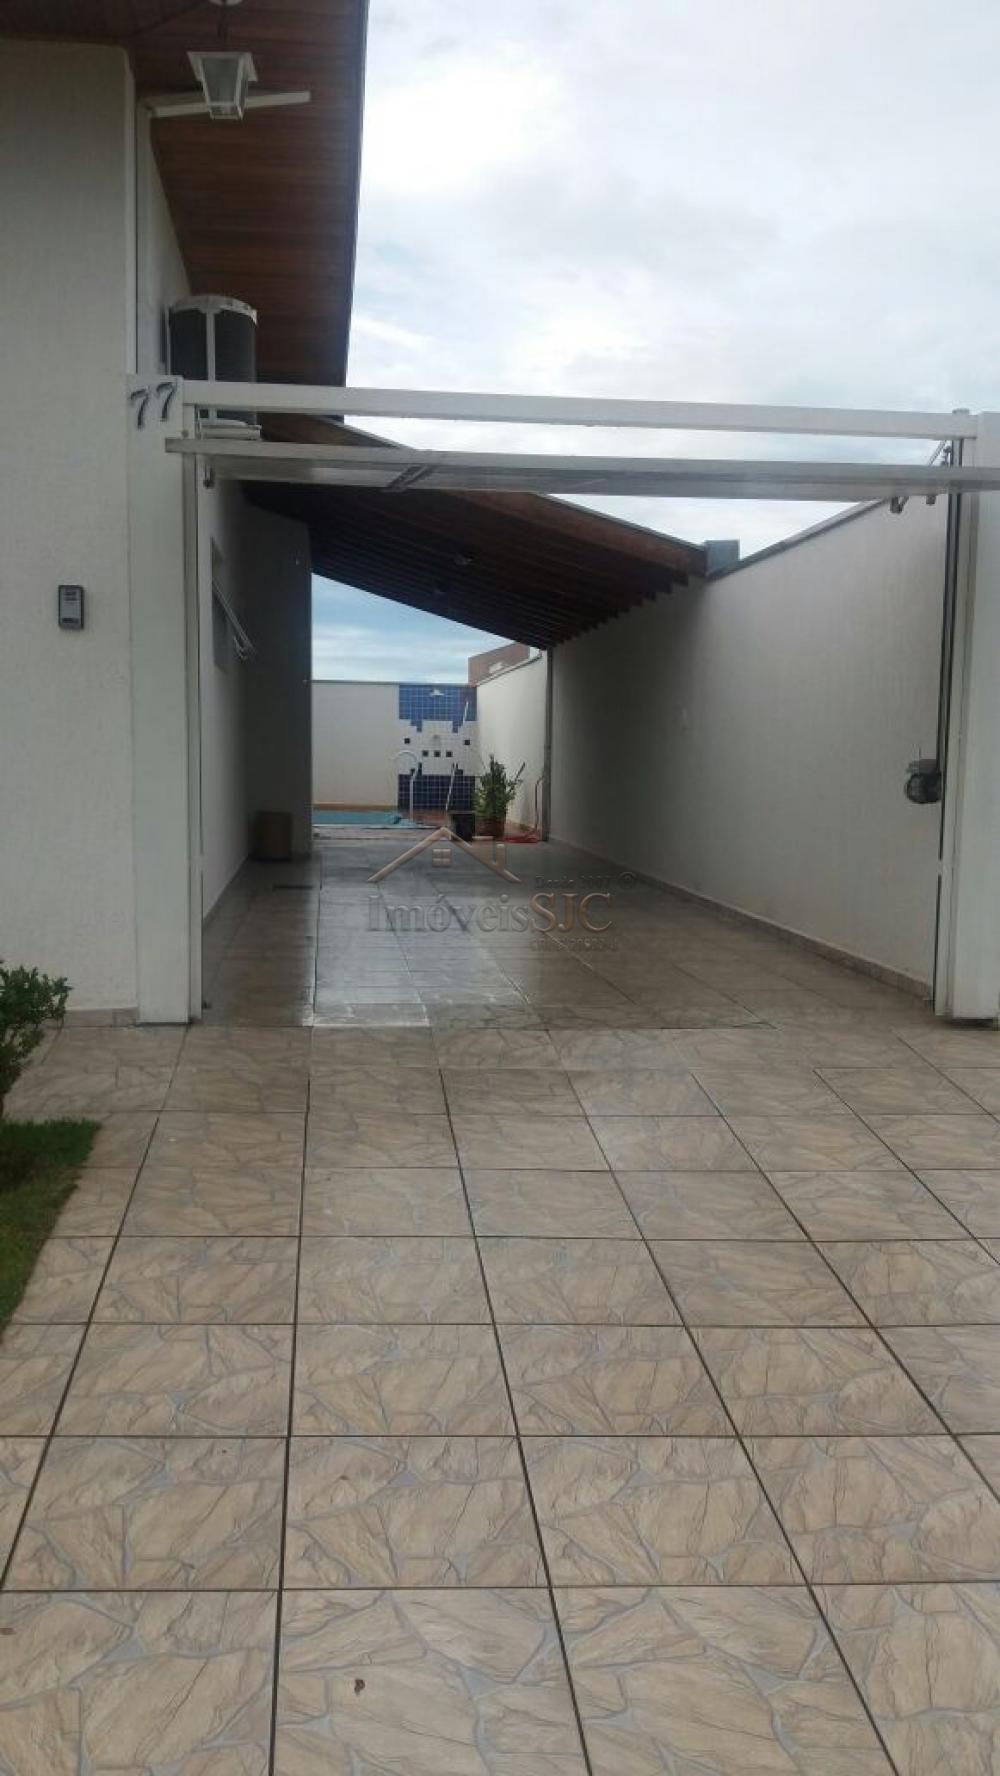 Comprar Casas / Condomínio em Caçapava apenas R$ 530.000,00 - Foto 15